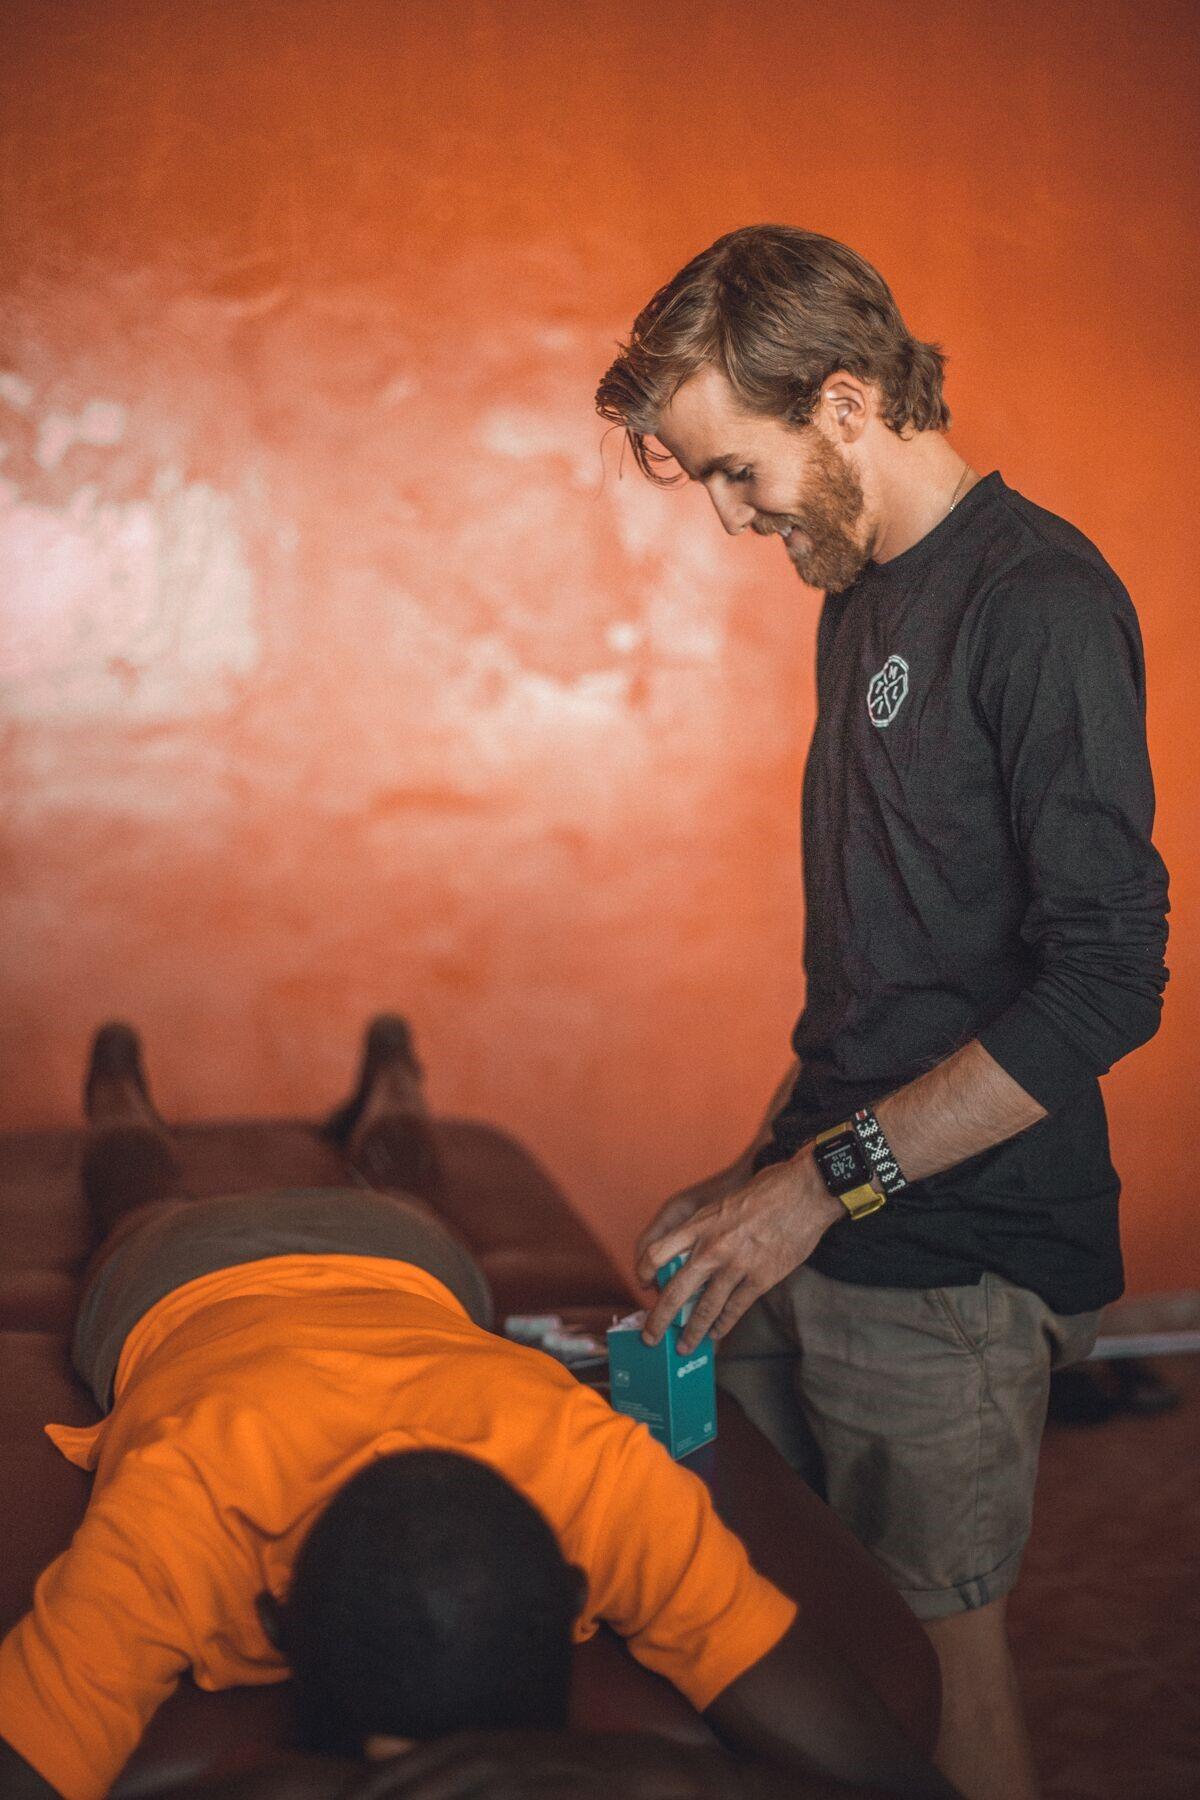 Luke McCallum at work in Kenya Photo: @ufnoof